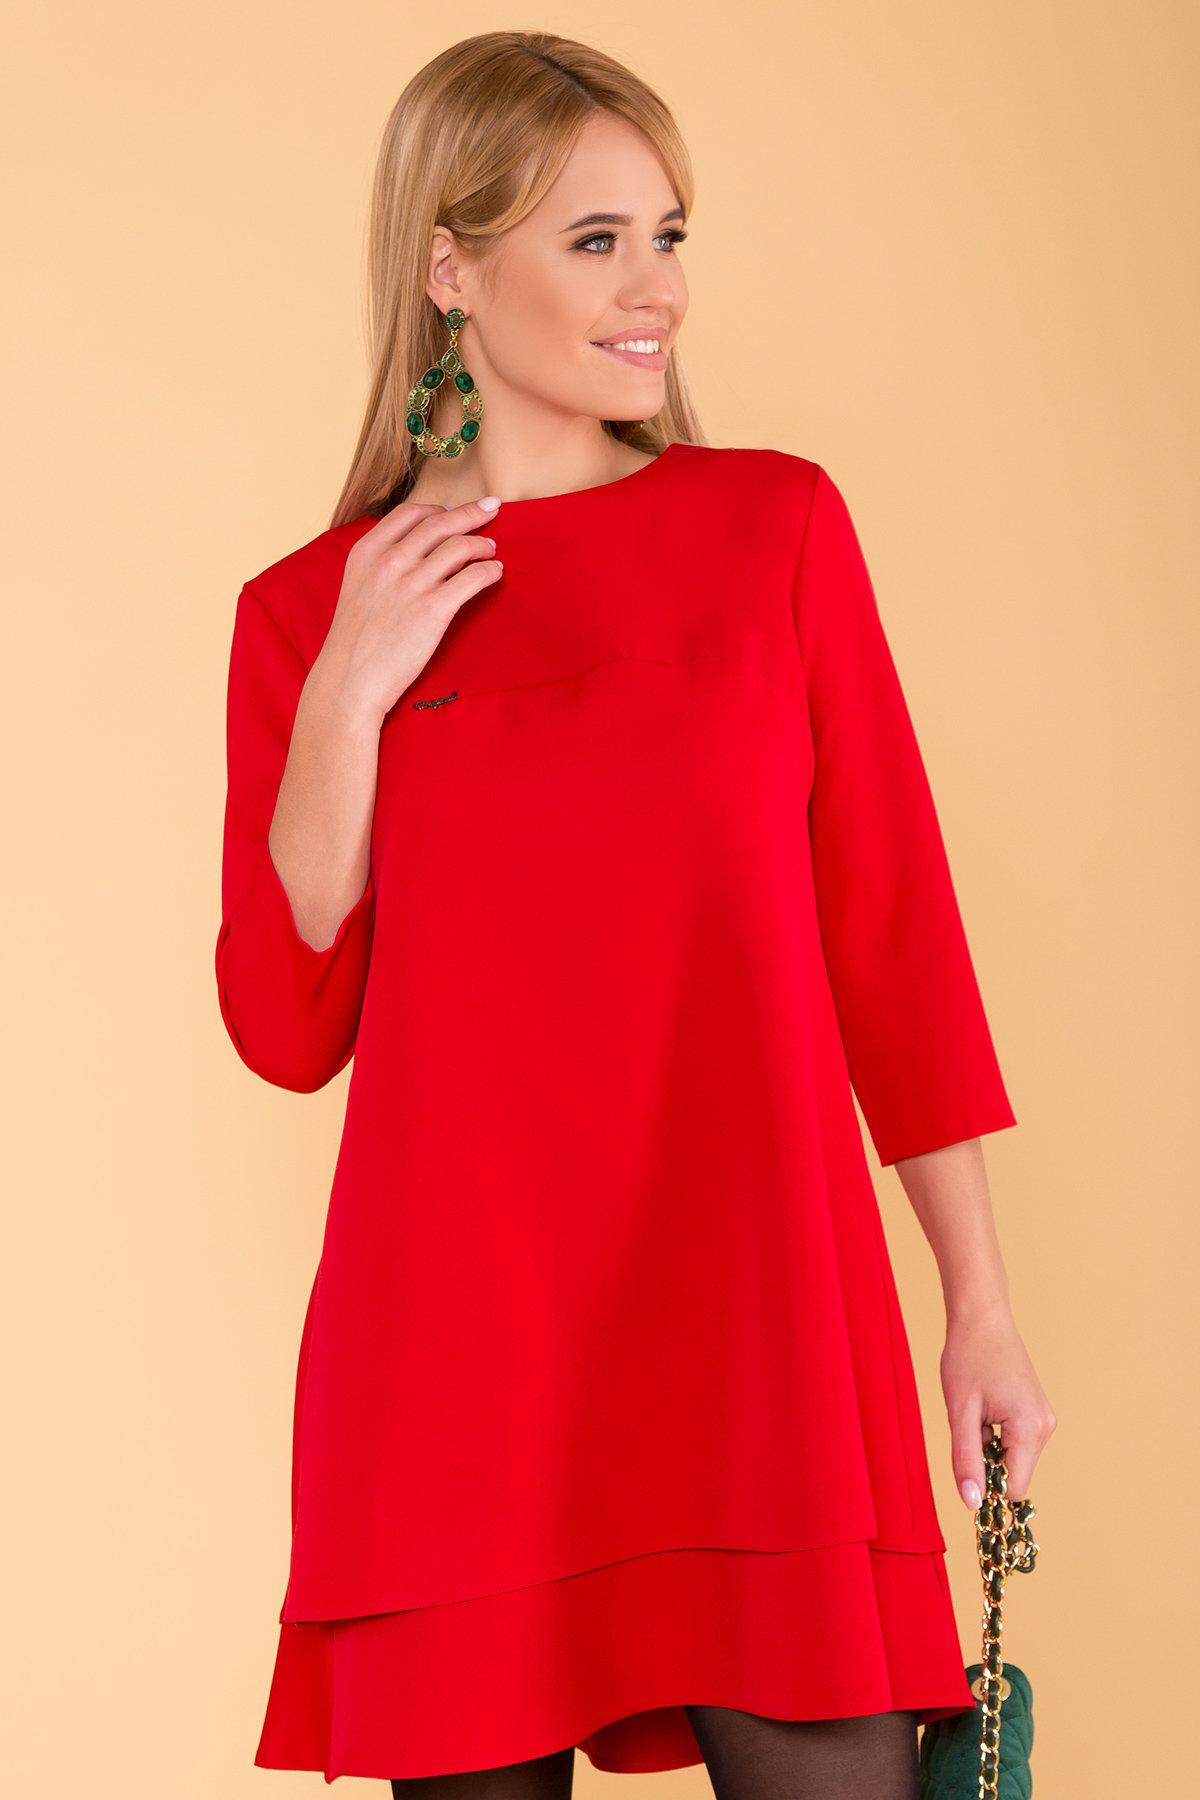 Платье Делафер 3245 АРТ. 16716 Цвет: Красный - фото 3, интернет магазин tm-modus.ru